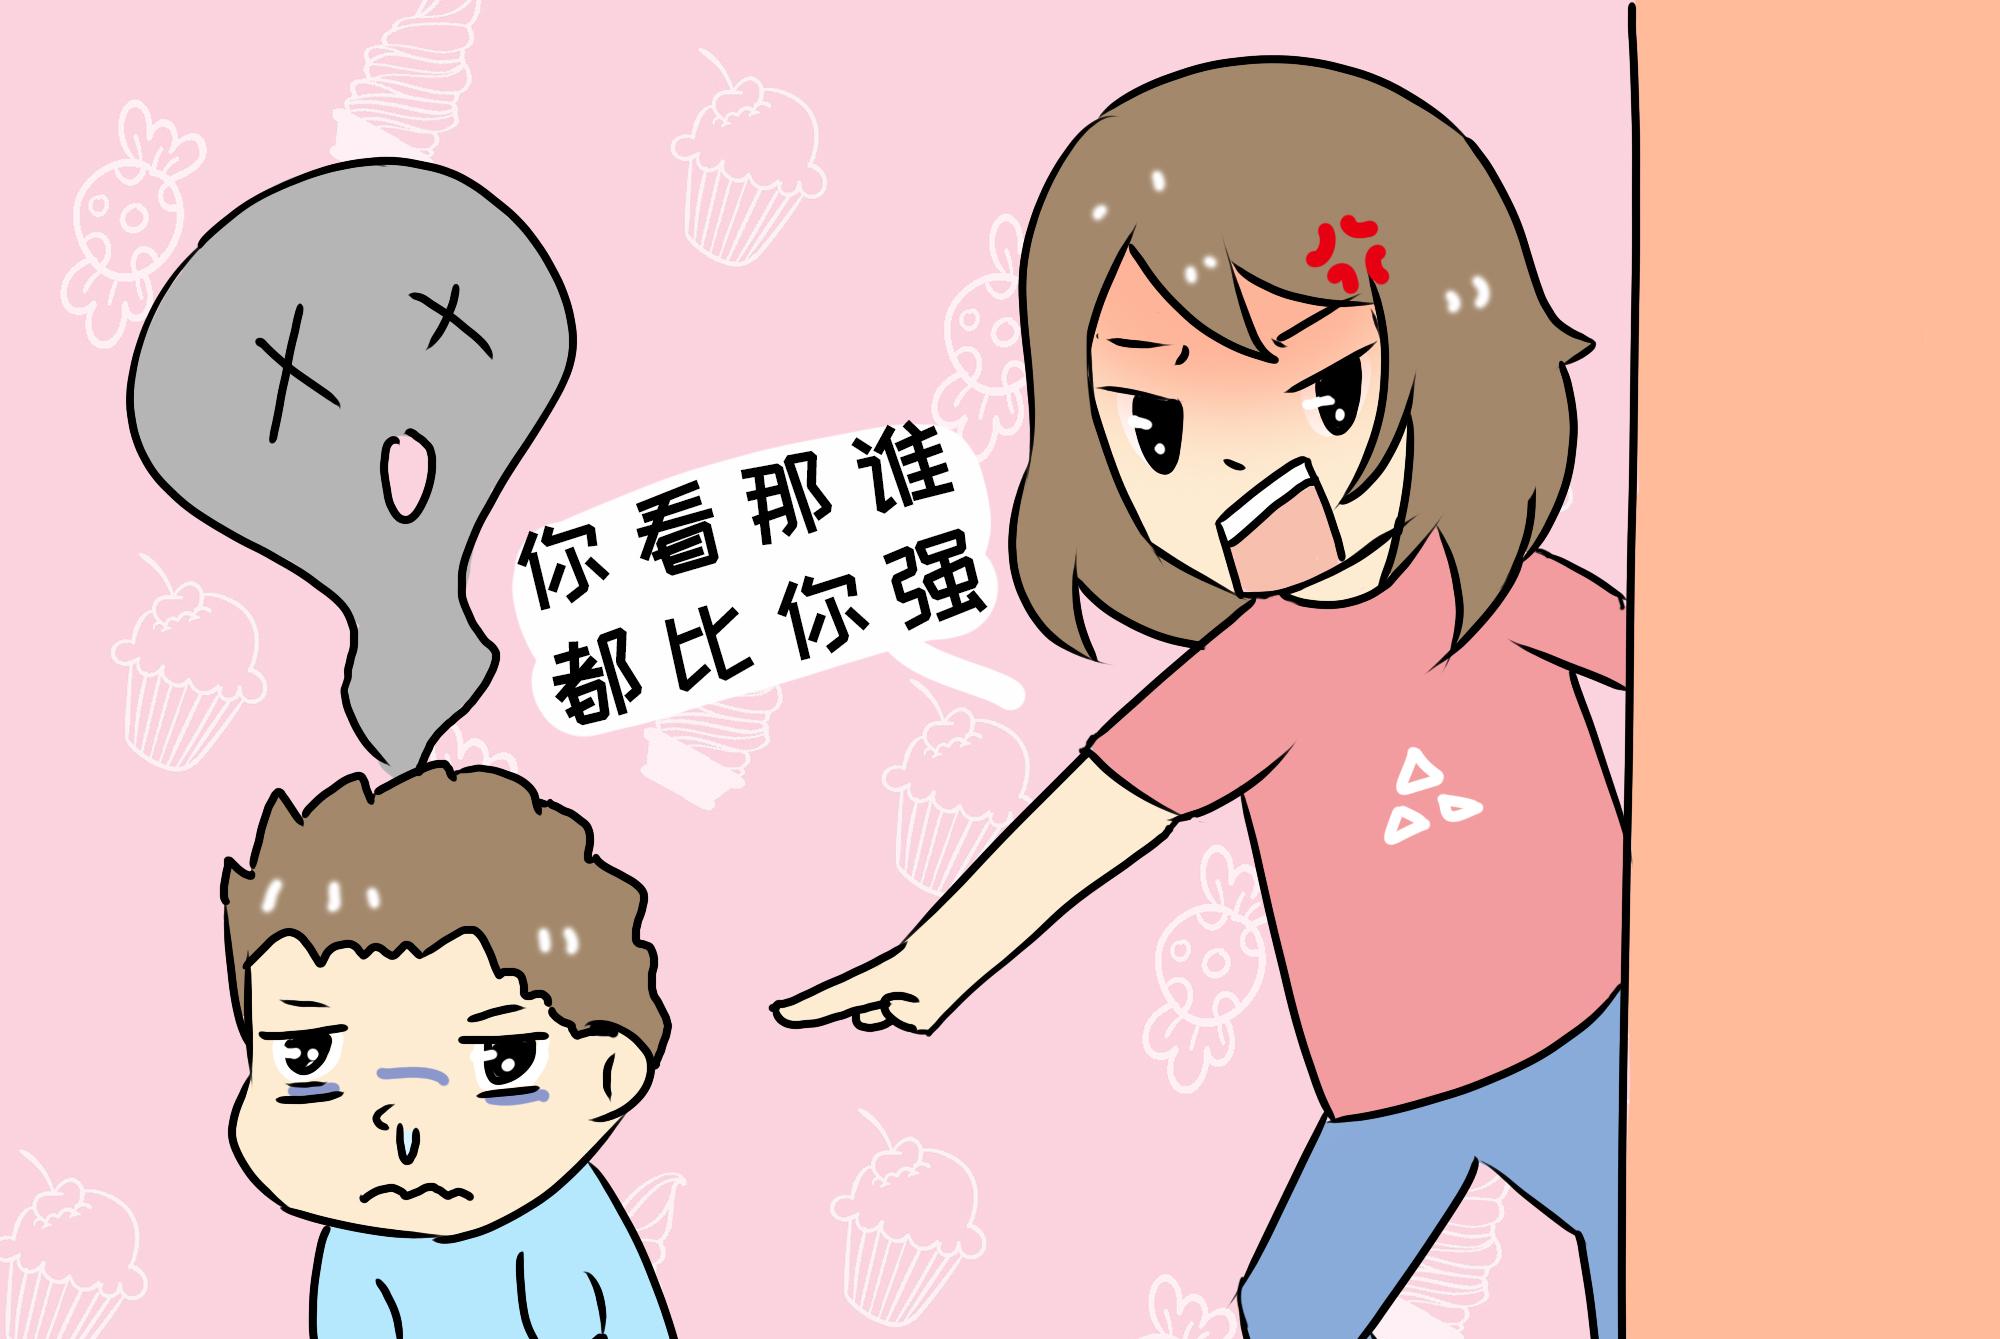 父母这三句话不离口,孩子早晚会变得懦弱又自卑,很现实